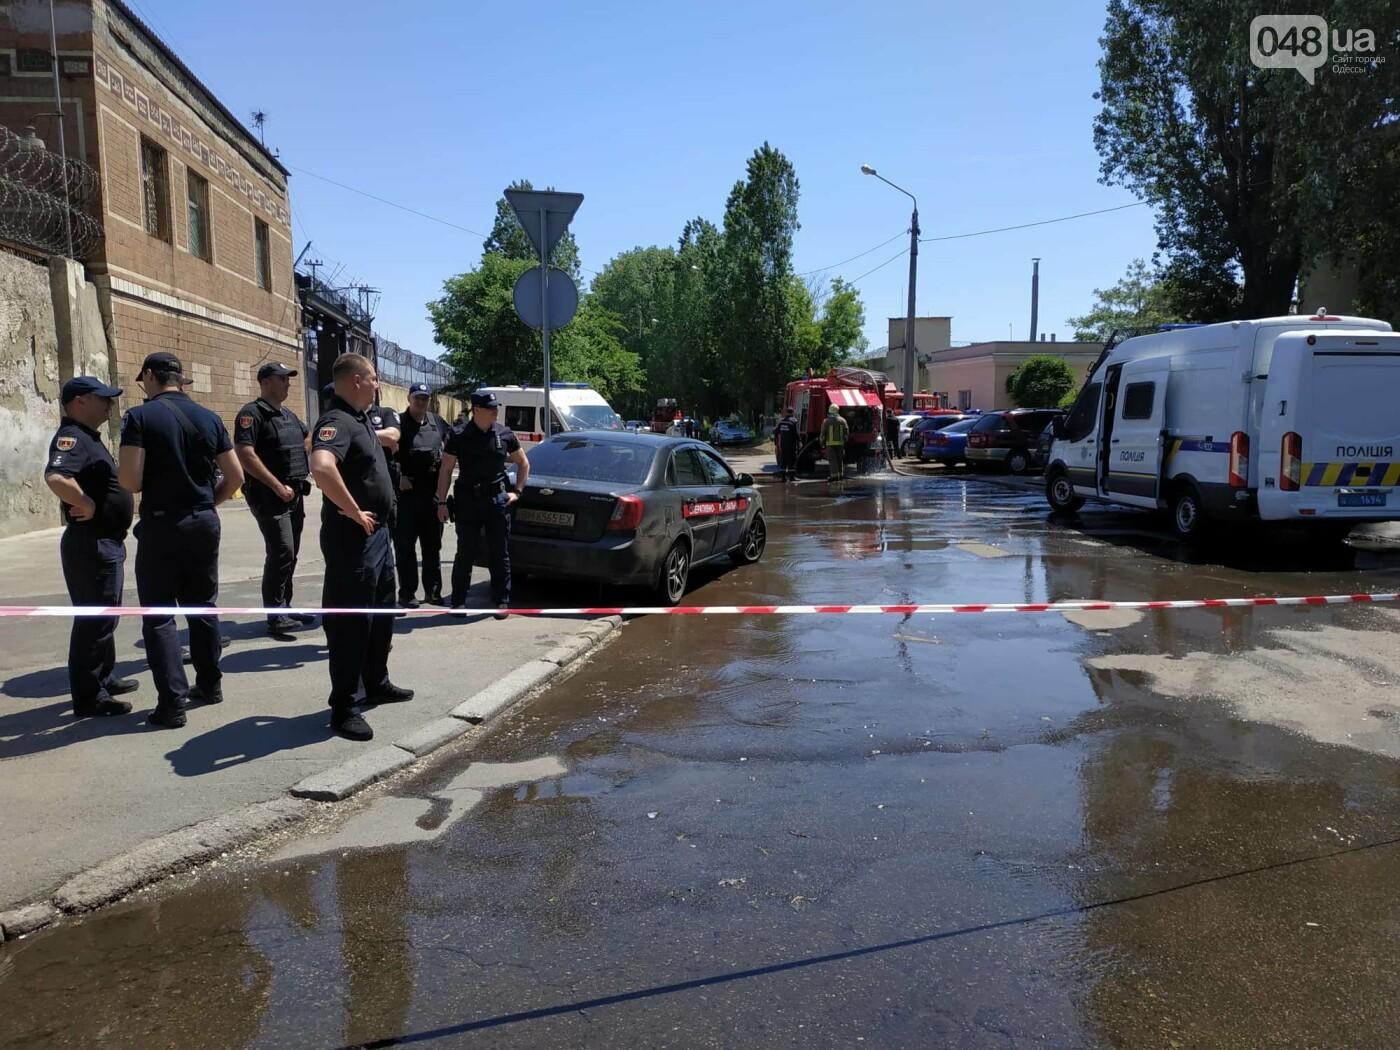 В одесской колонии горела машина, а не здание: ею пытались давить заключенных, - очевидец , фото-11